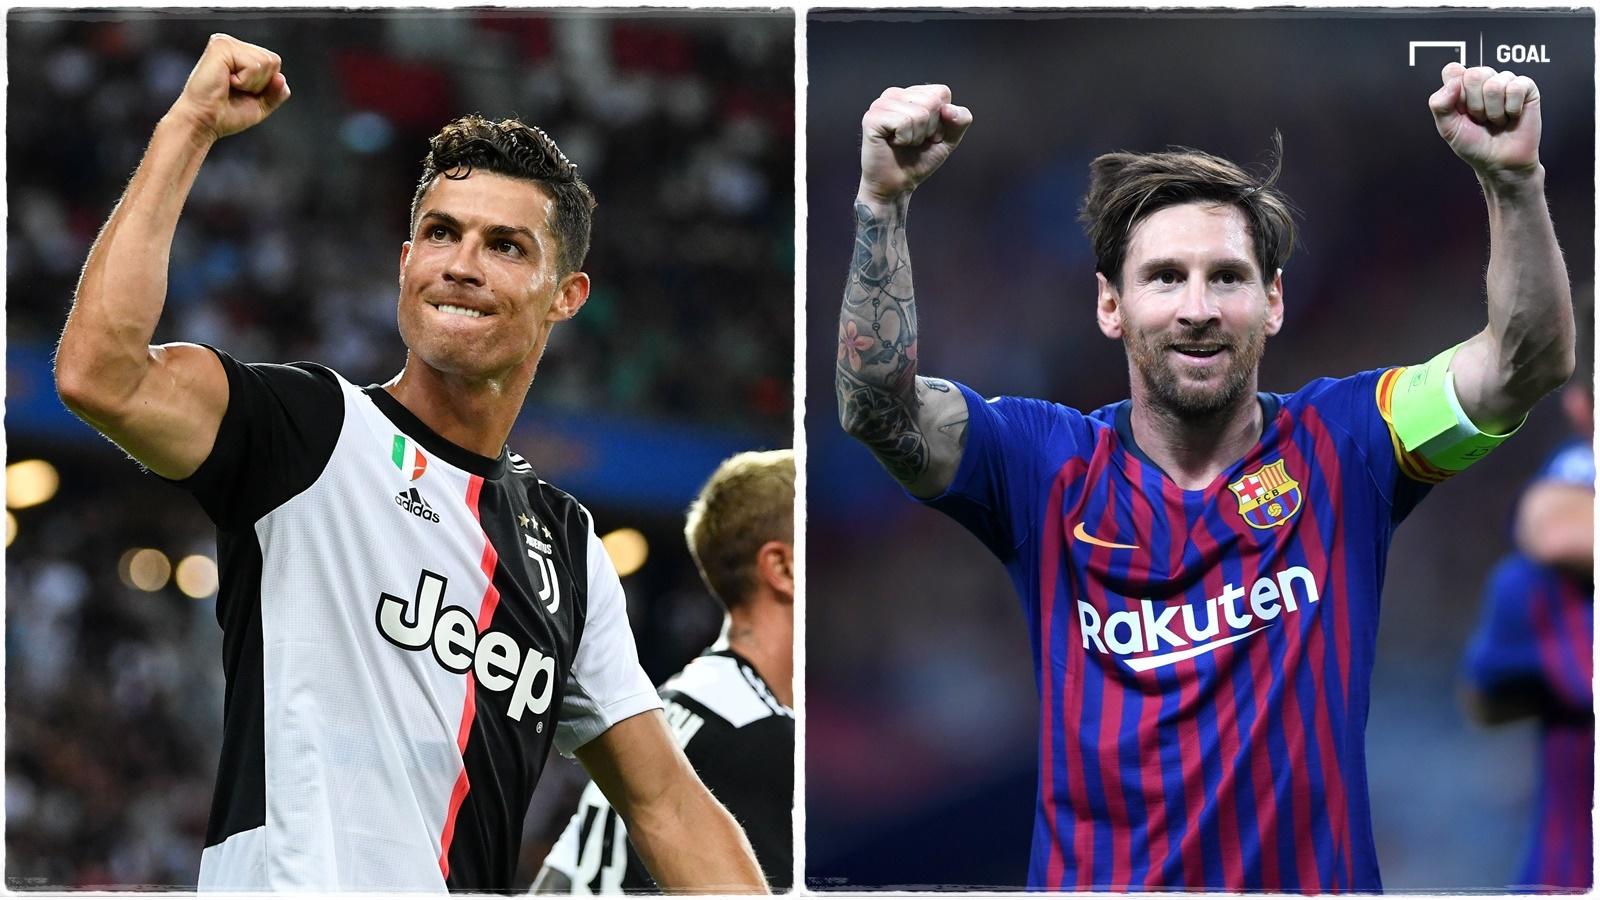 Quien Tiene Mas Goles Ronaldo O Messi Goal Com